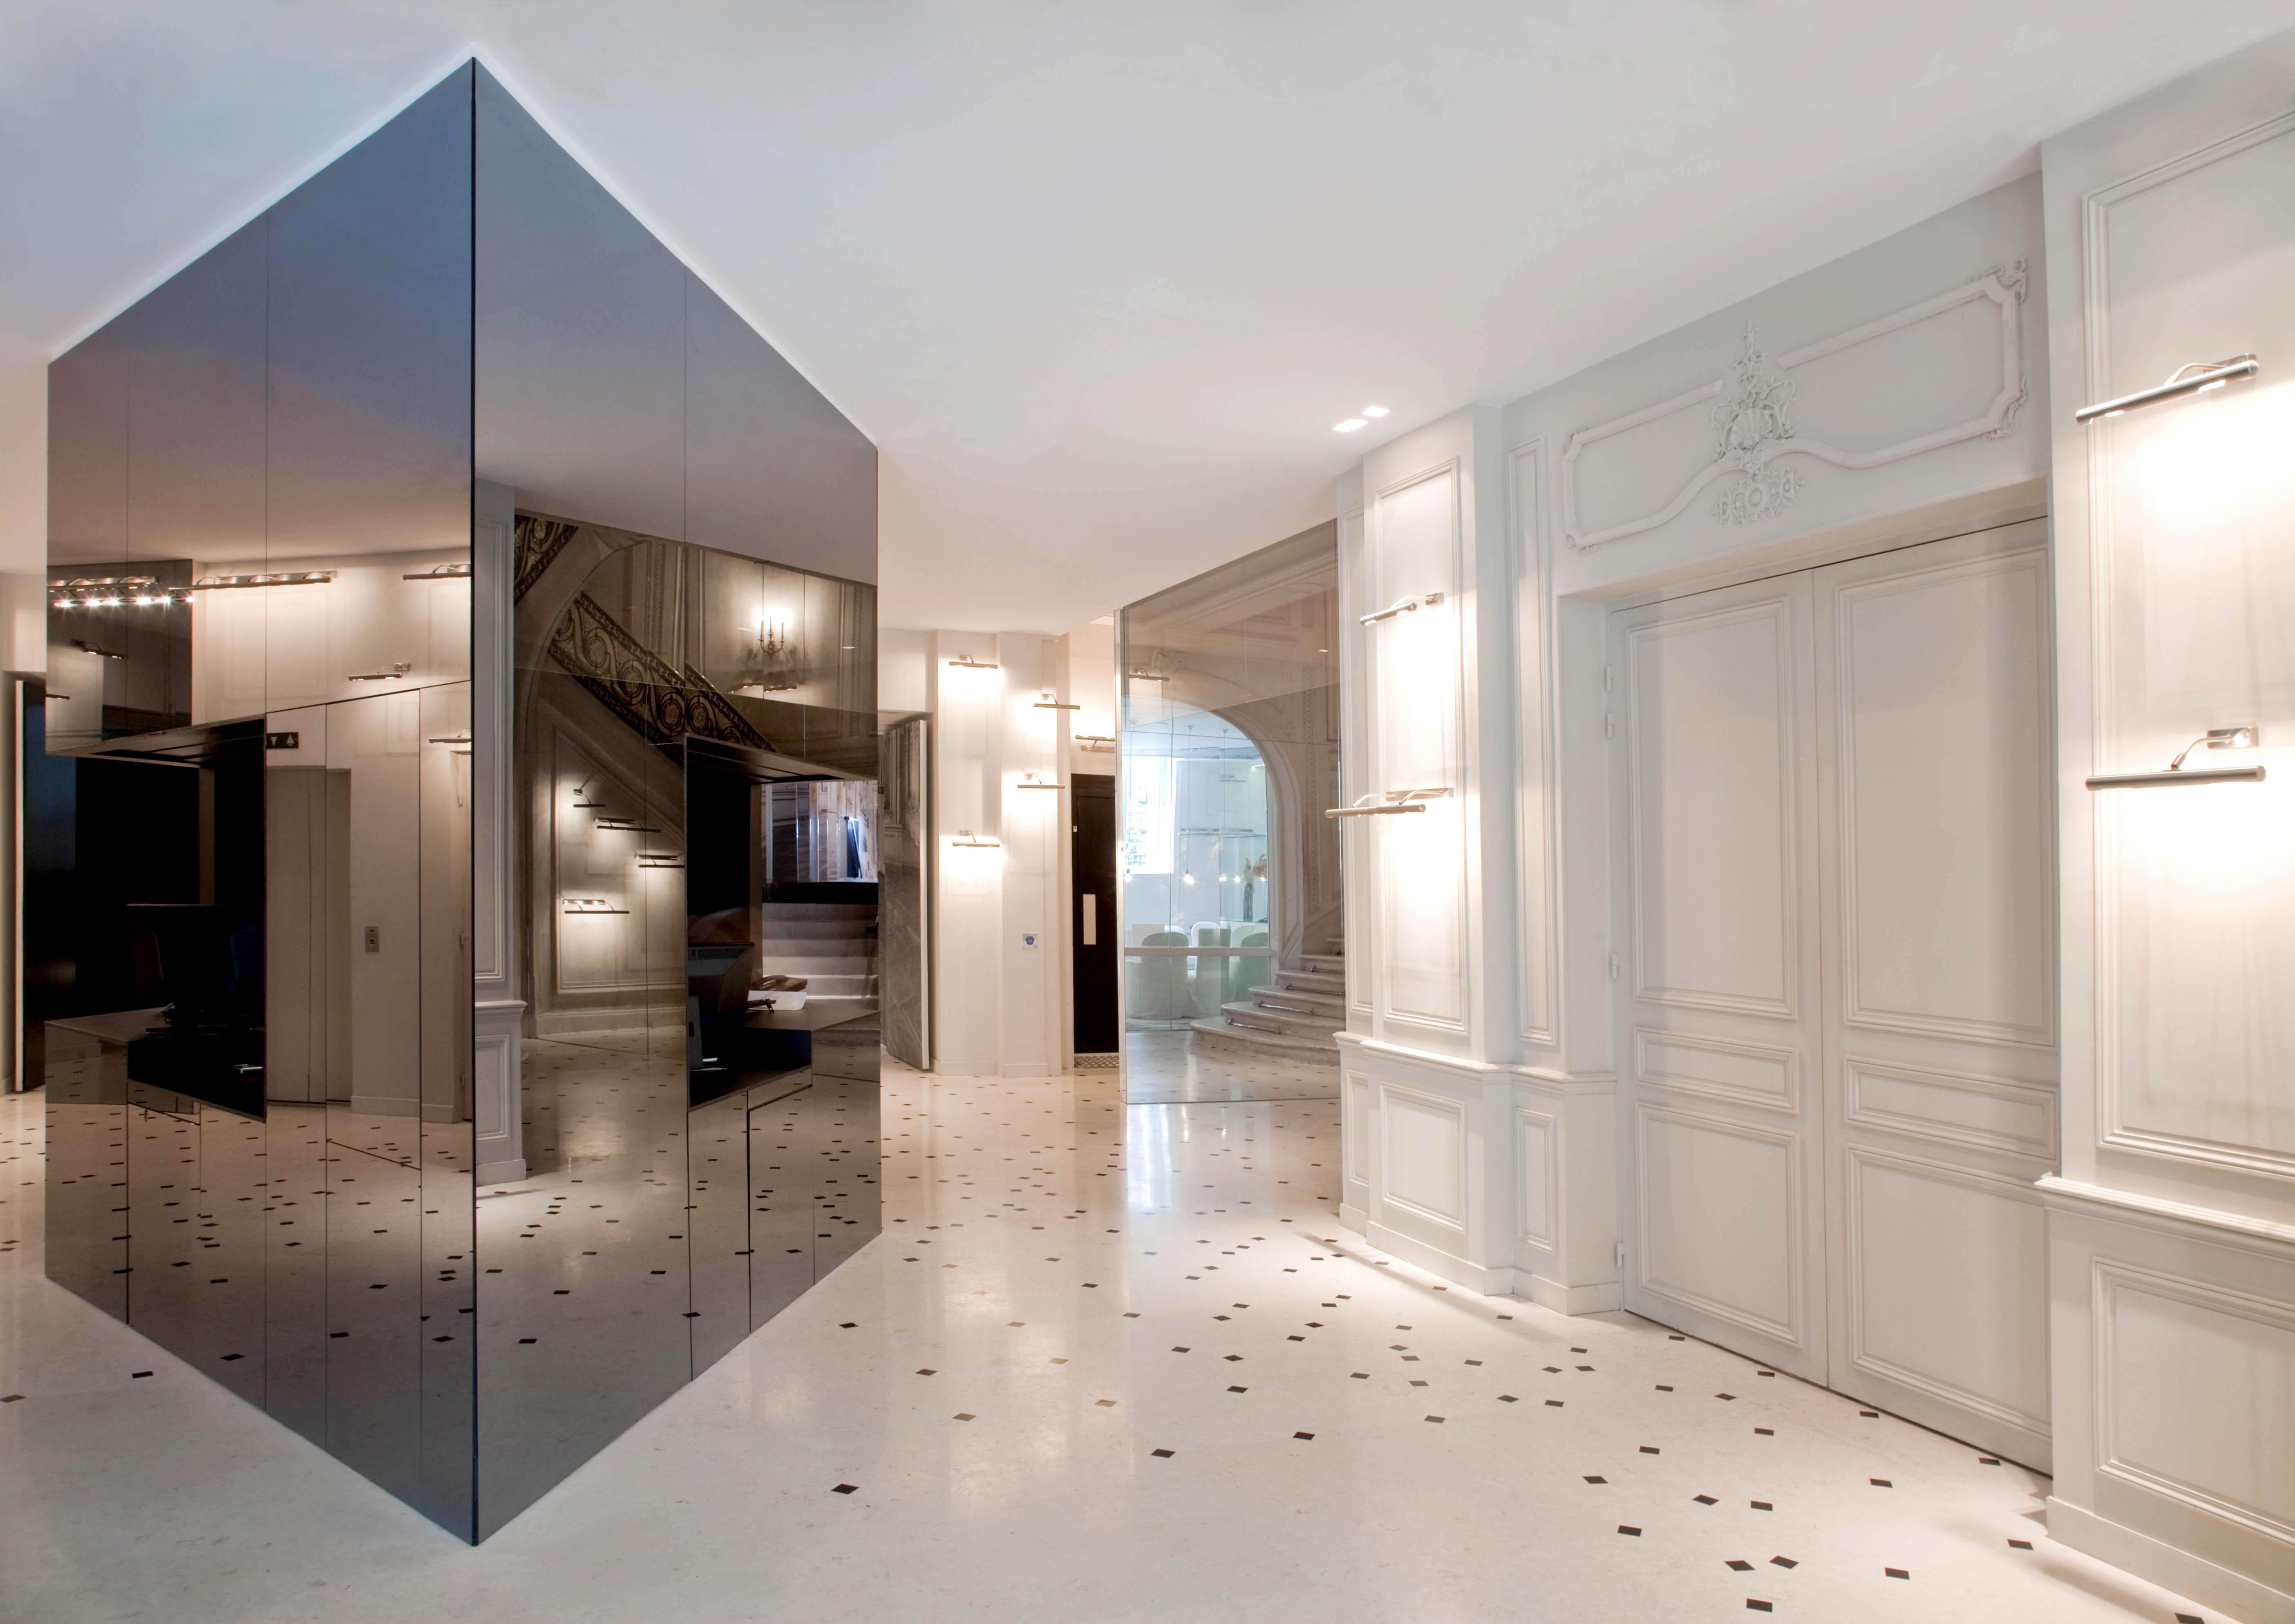 midddesign blog hotel maison champs elys es paris. Black Bedroom Furniture Sets. Home Design Ideas